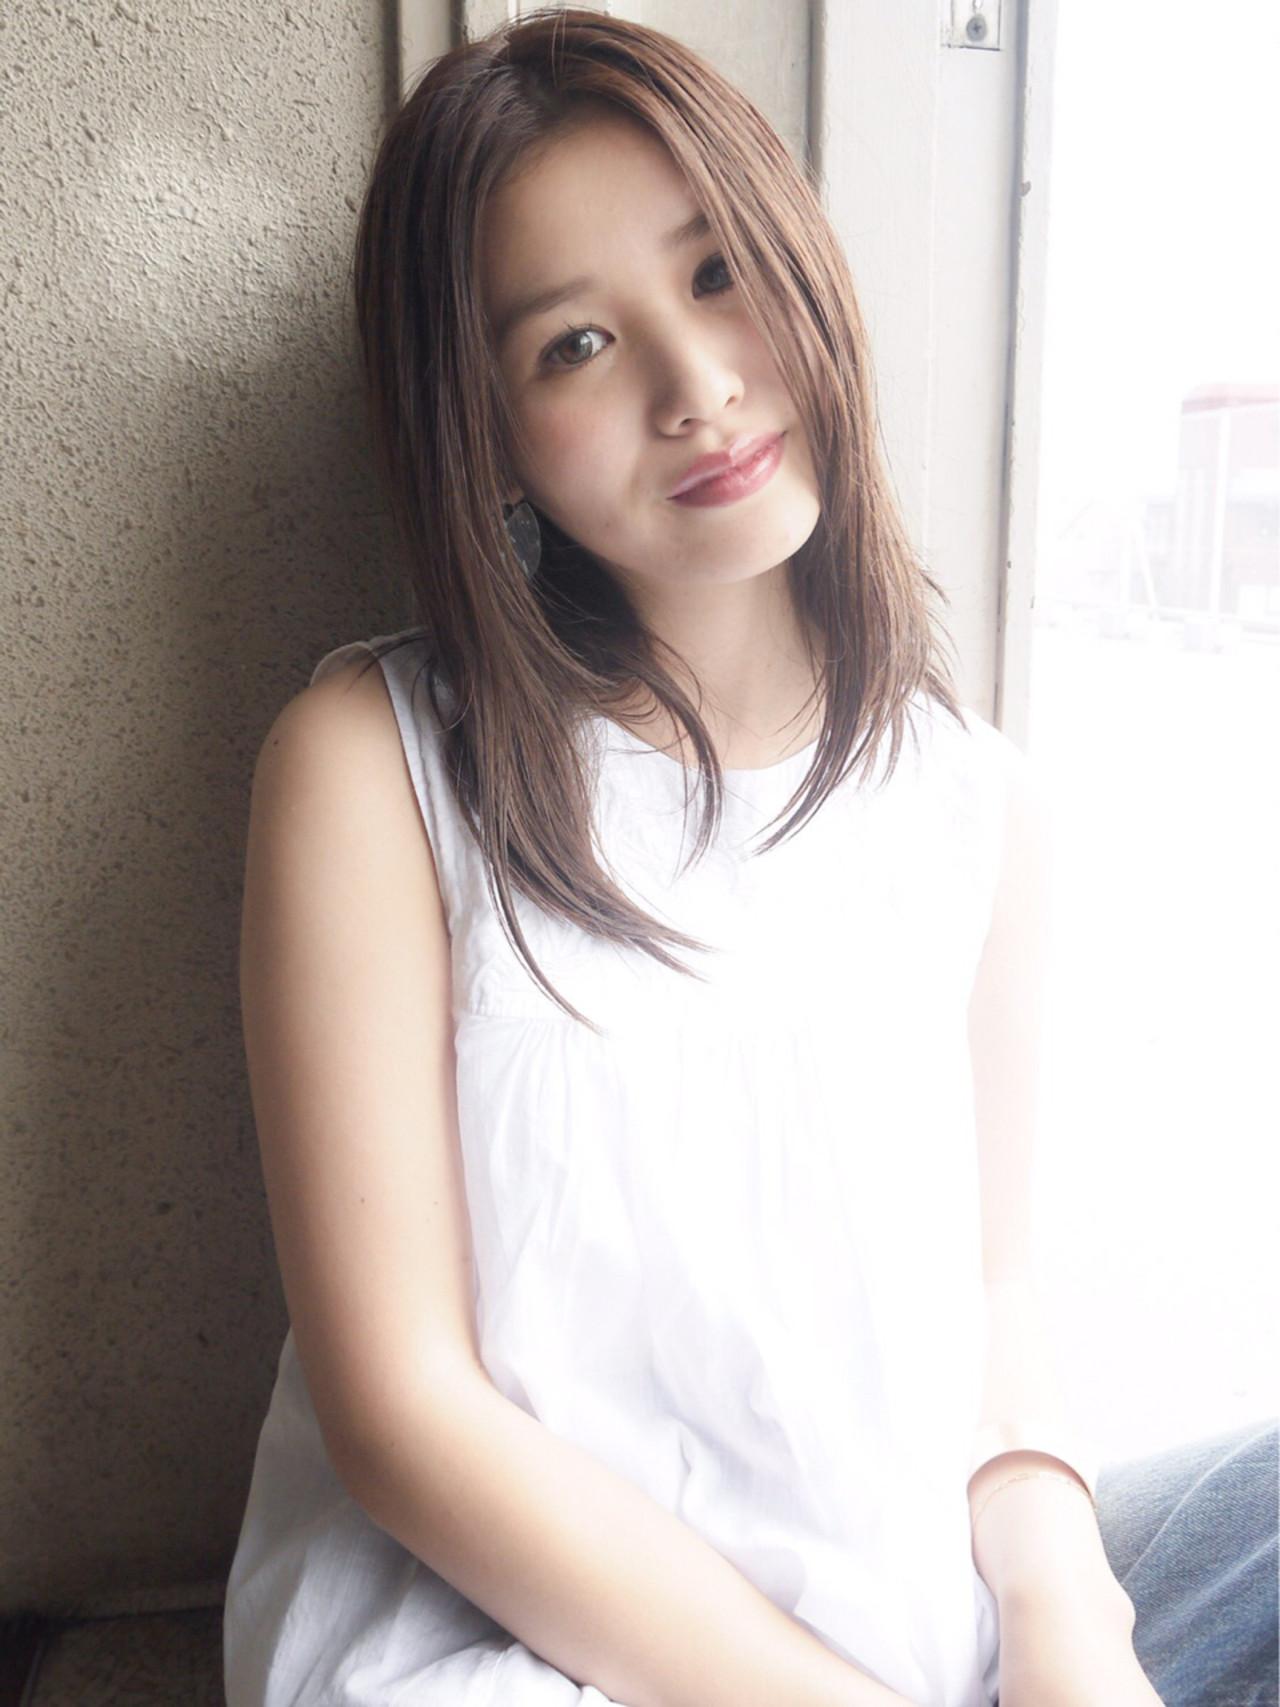 大人かわいい モテ髪 愛され グレージュ ヘアスタイルや髪型の写真・画像 | HIROKI / roijir / roijir